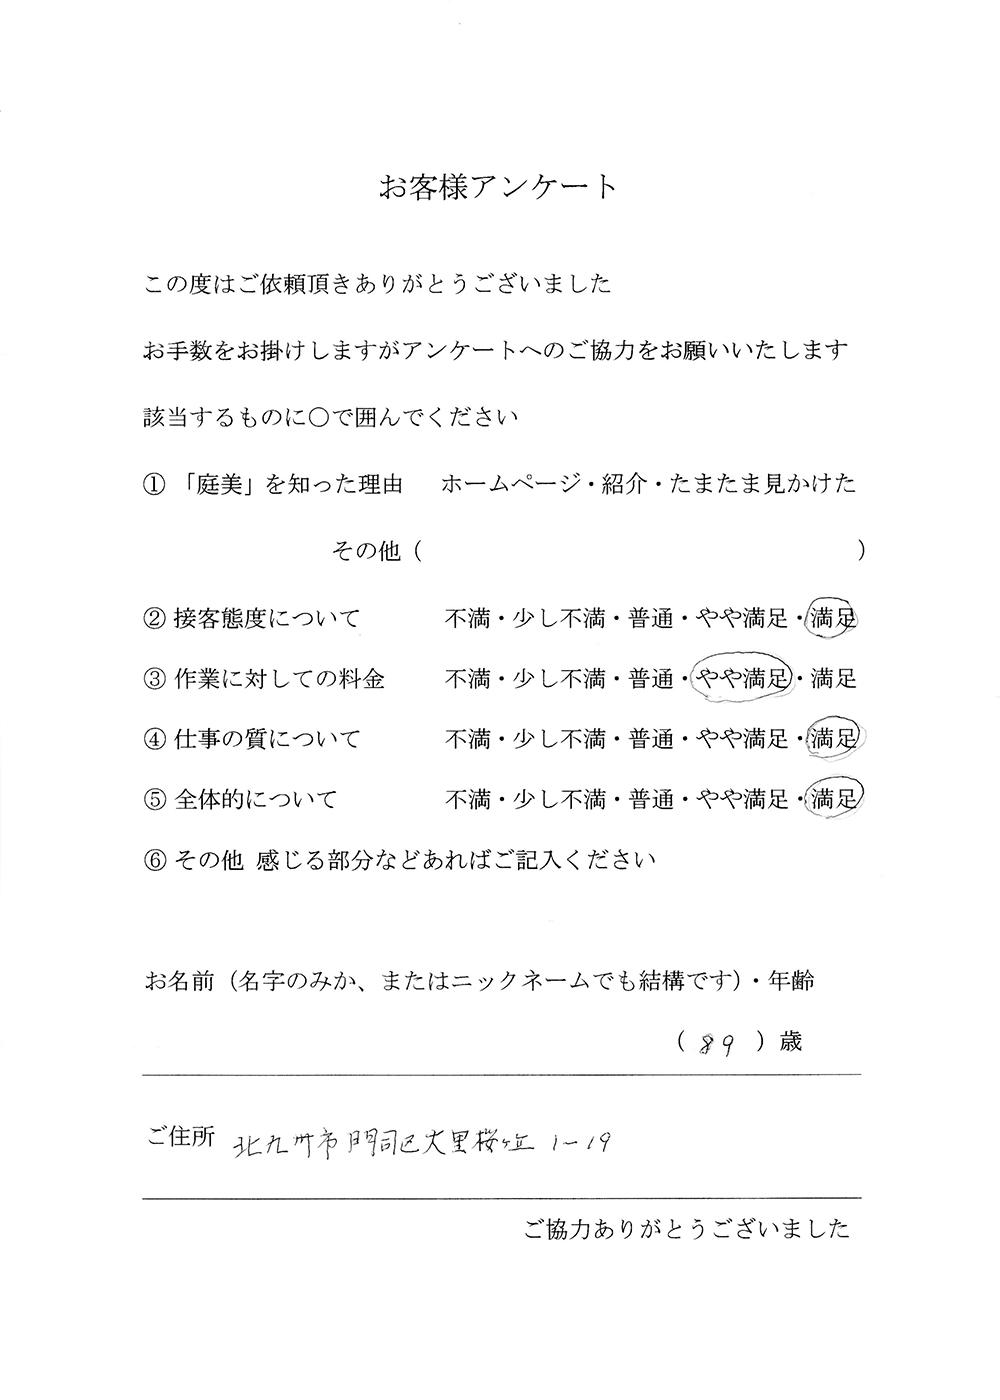 福岡県北九州市エリア 名無し様の声